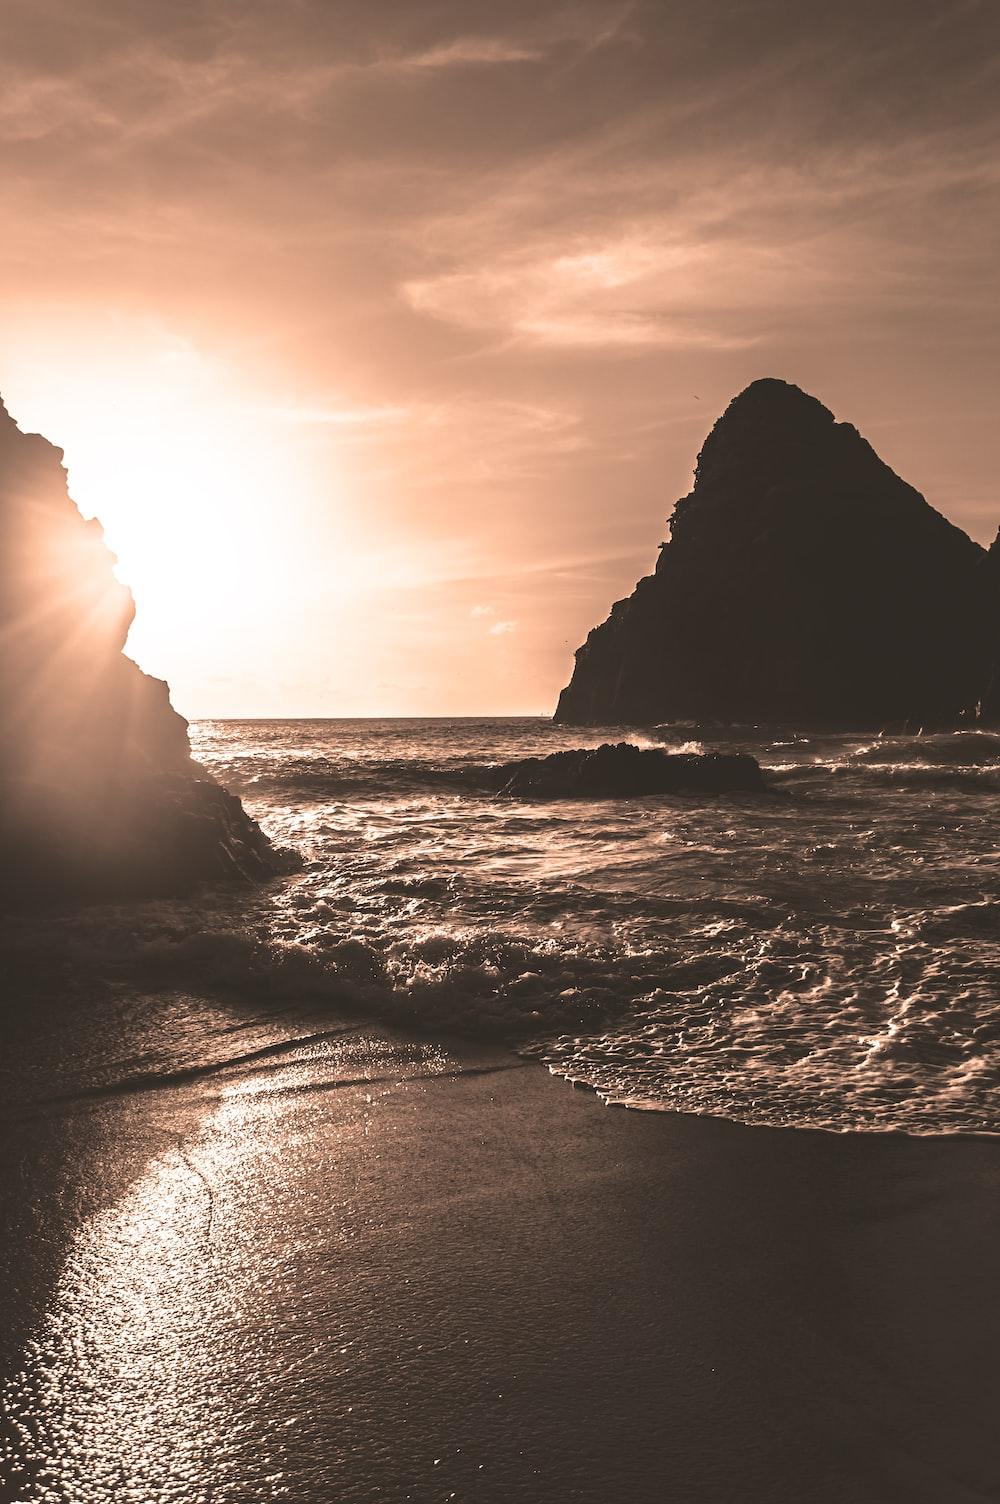 rock in ocean